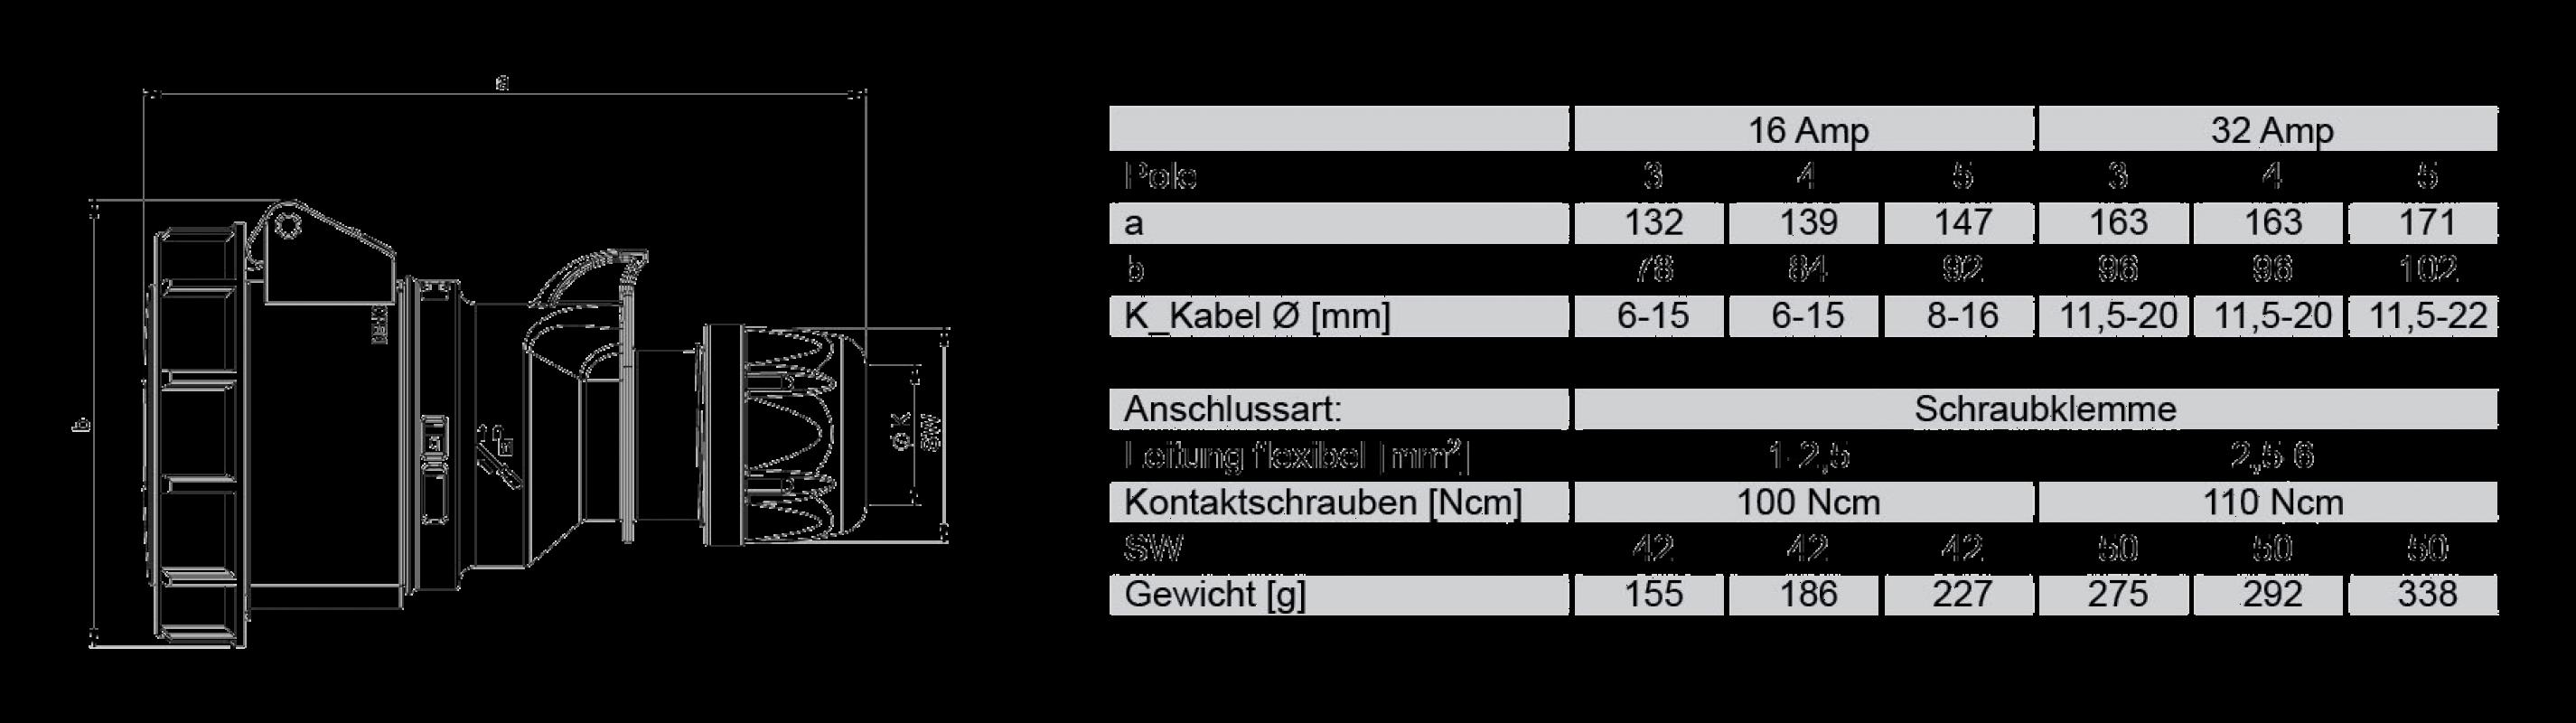 Розетка кабельная CEE 16А 230V 1P+N+E IP67 2132-6 PCE размер